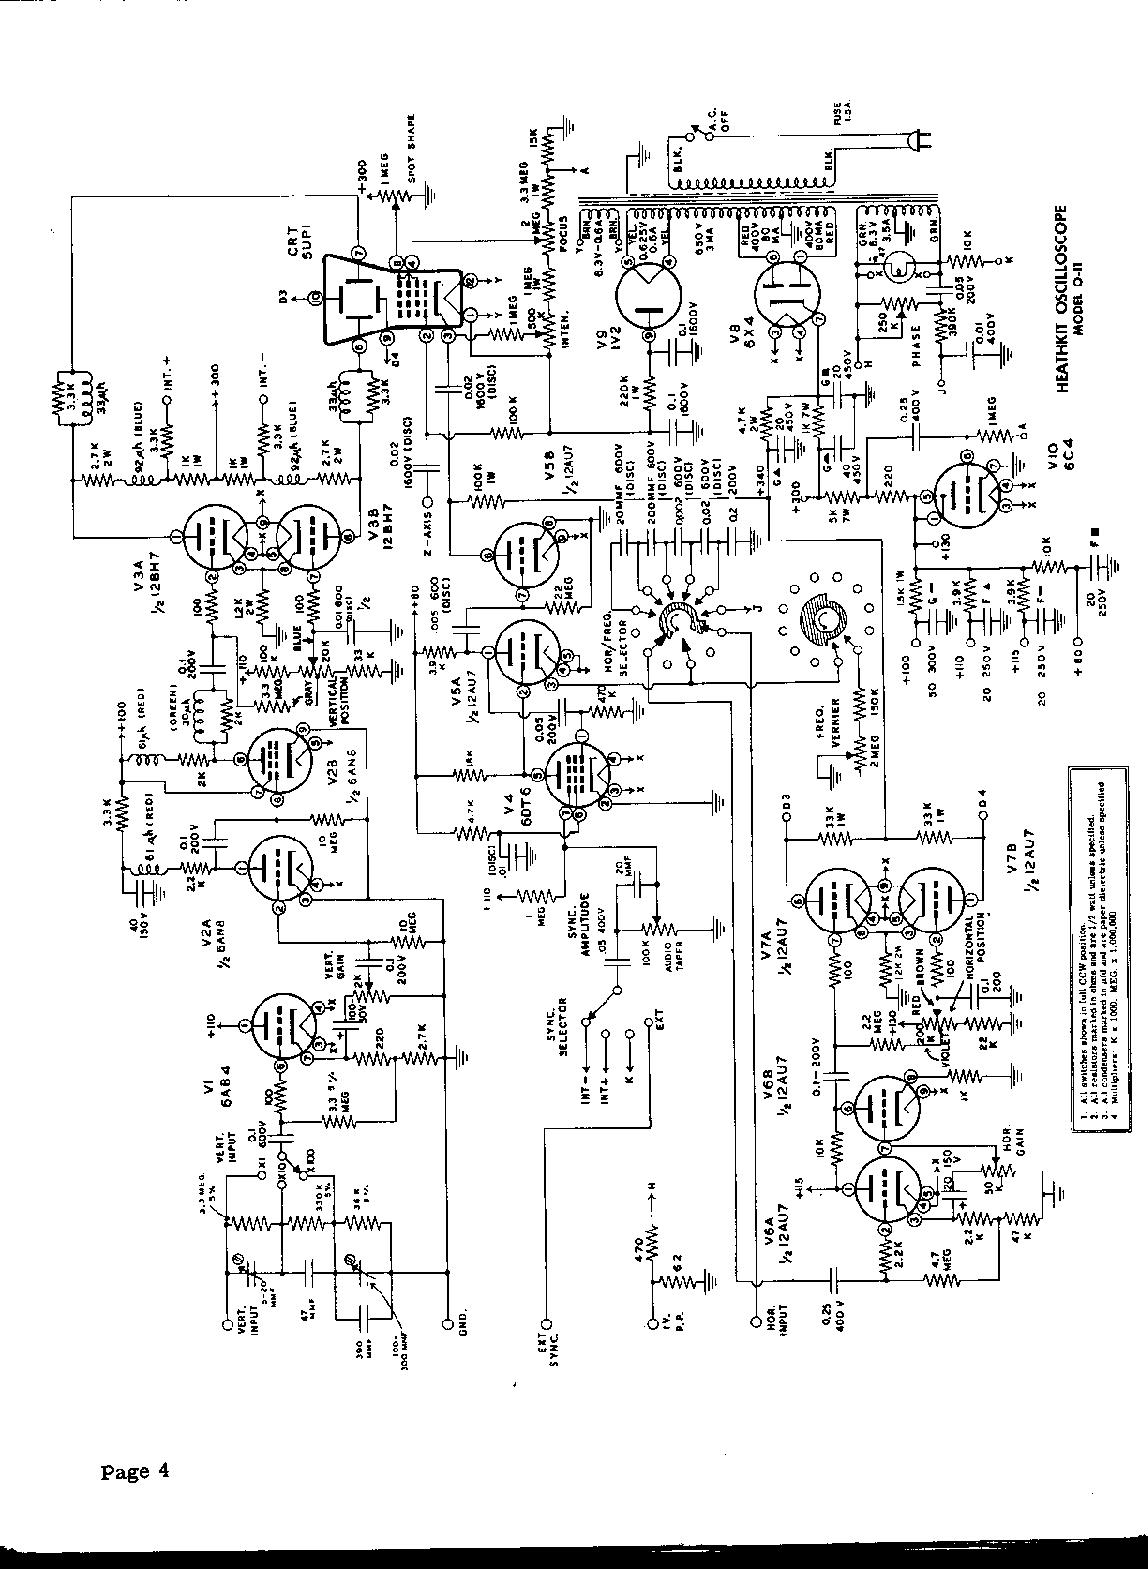 motomaster 11 1569 6 manual